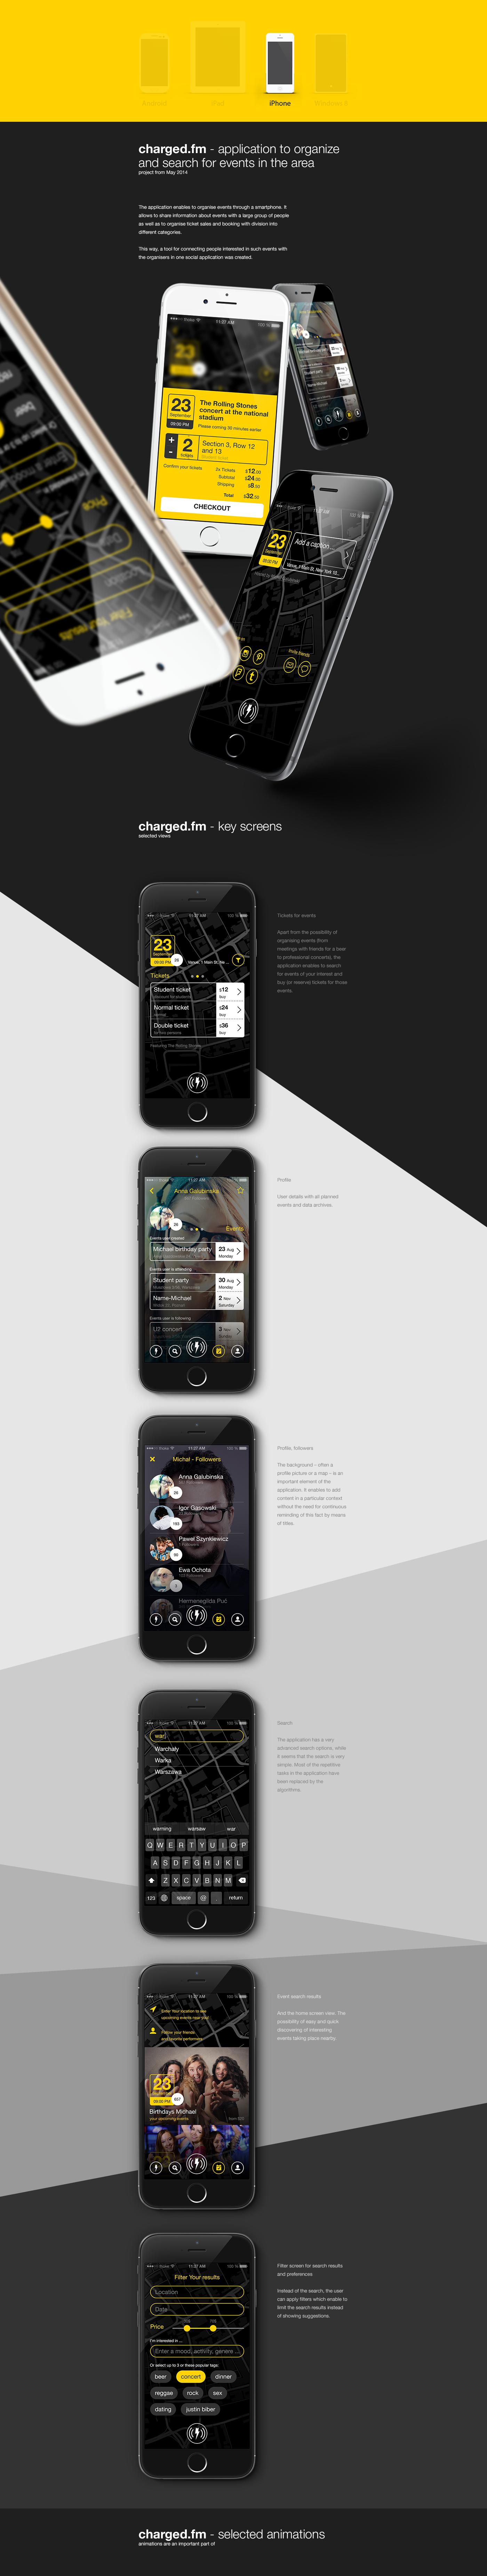 app application iphone ios ios 8